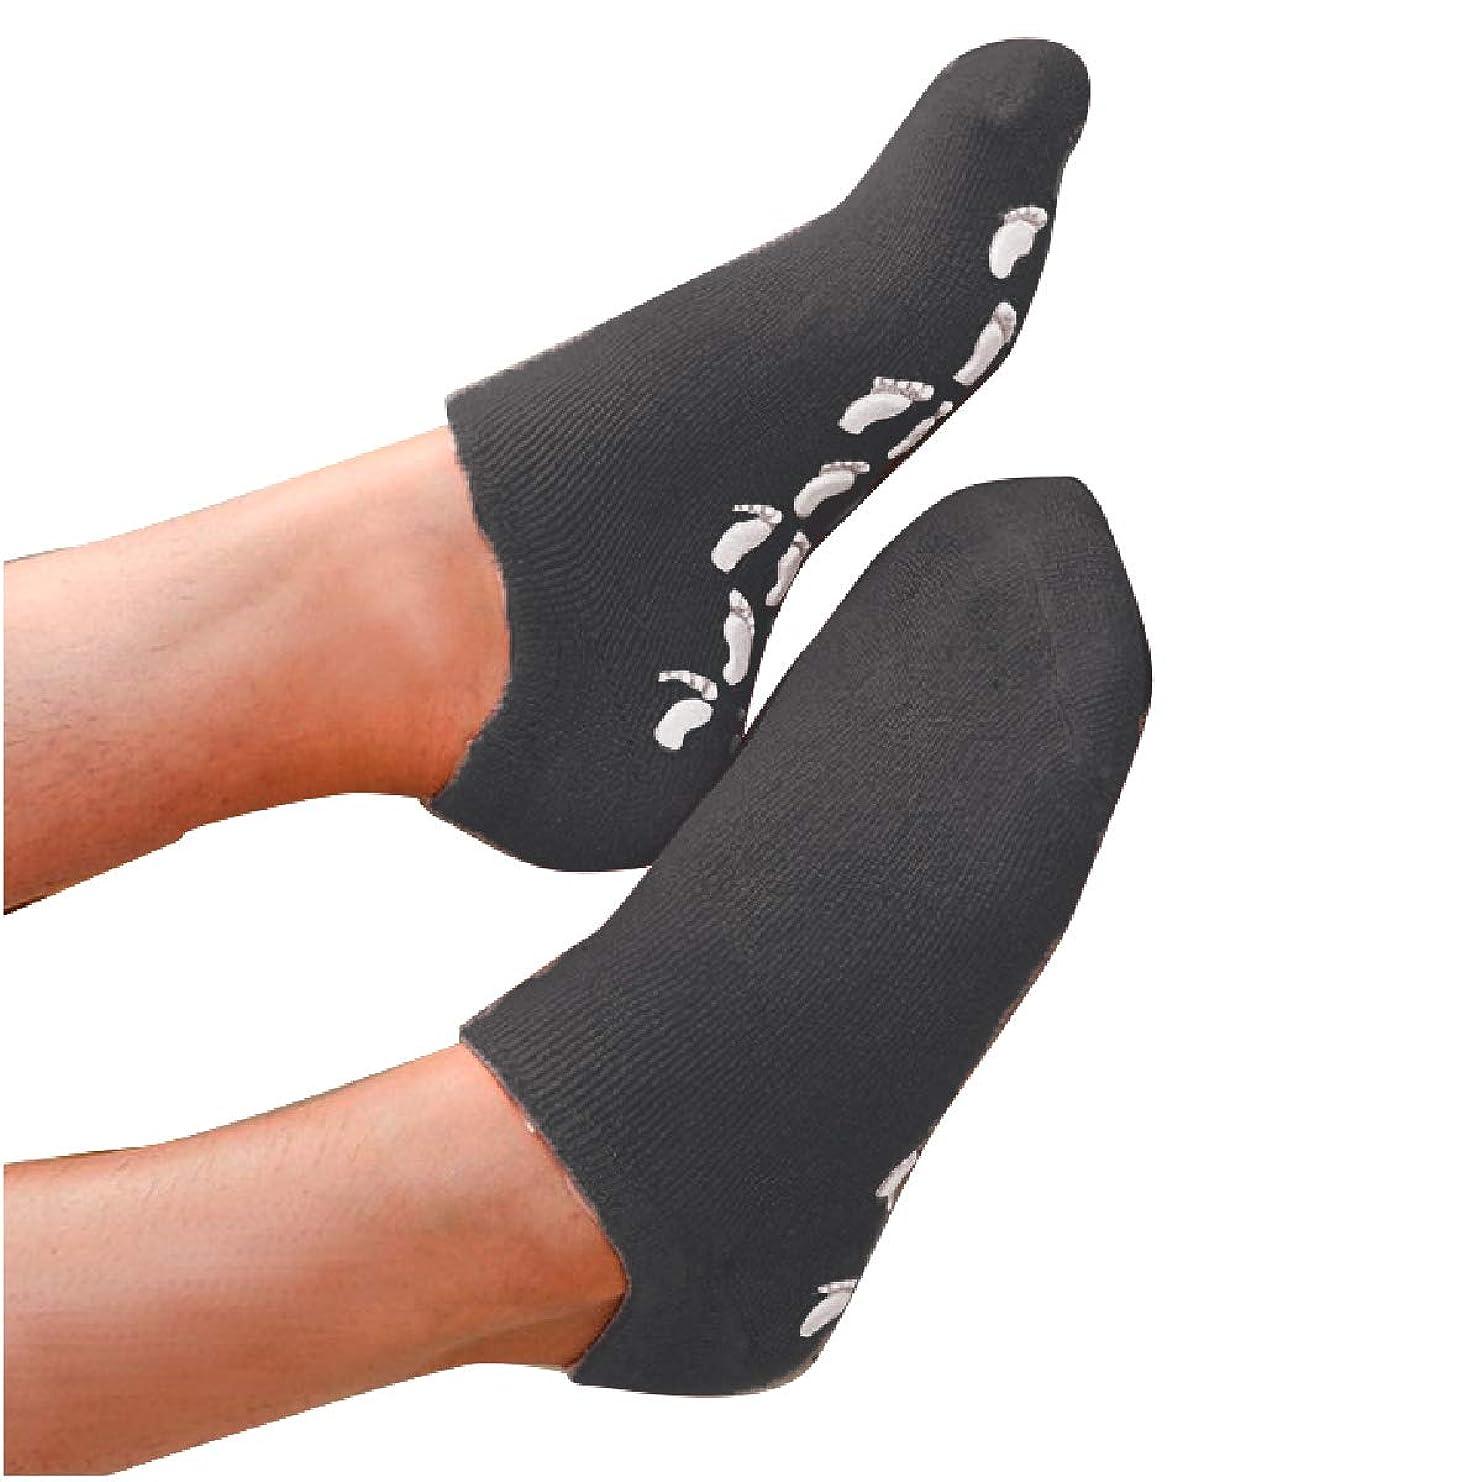 ファーザーファージュ自治的悲しいS&E かかと 靴下 保湿 ソックス 美容成分 潤い ゲル付き 滑り止め 足裏 足の甲 ホホバオイル グレープシード ビタミンE ラベンダー ローズ (ブラック)